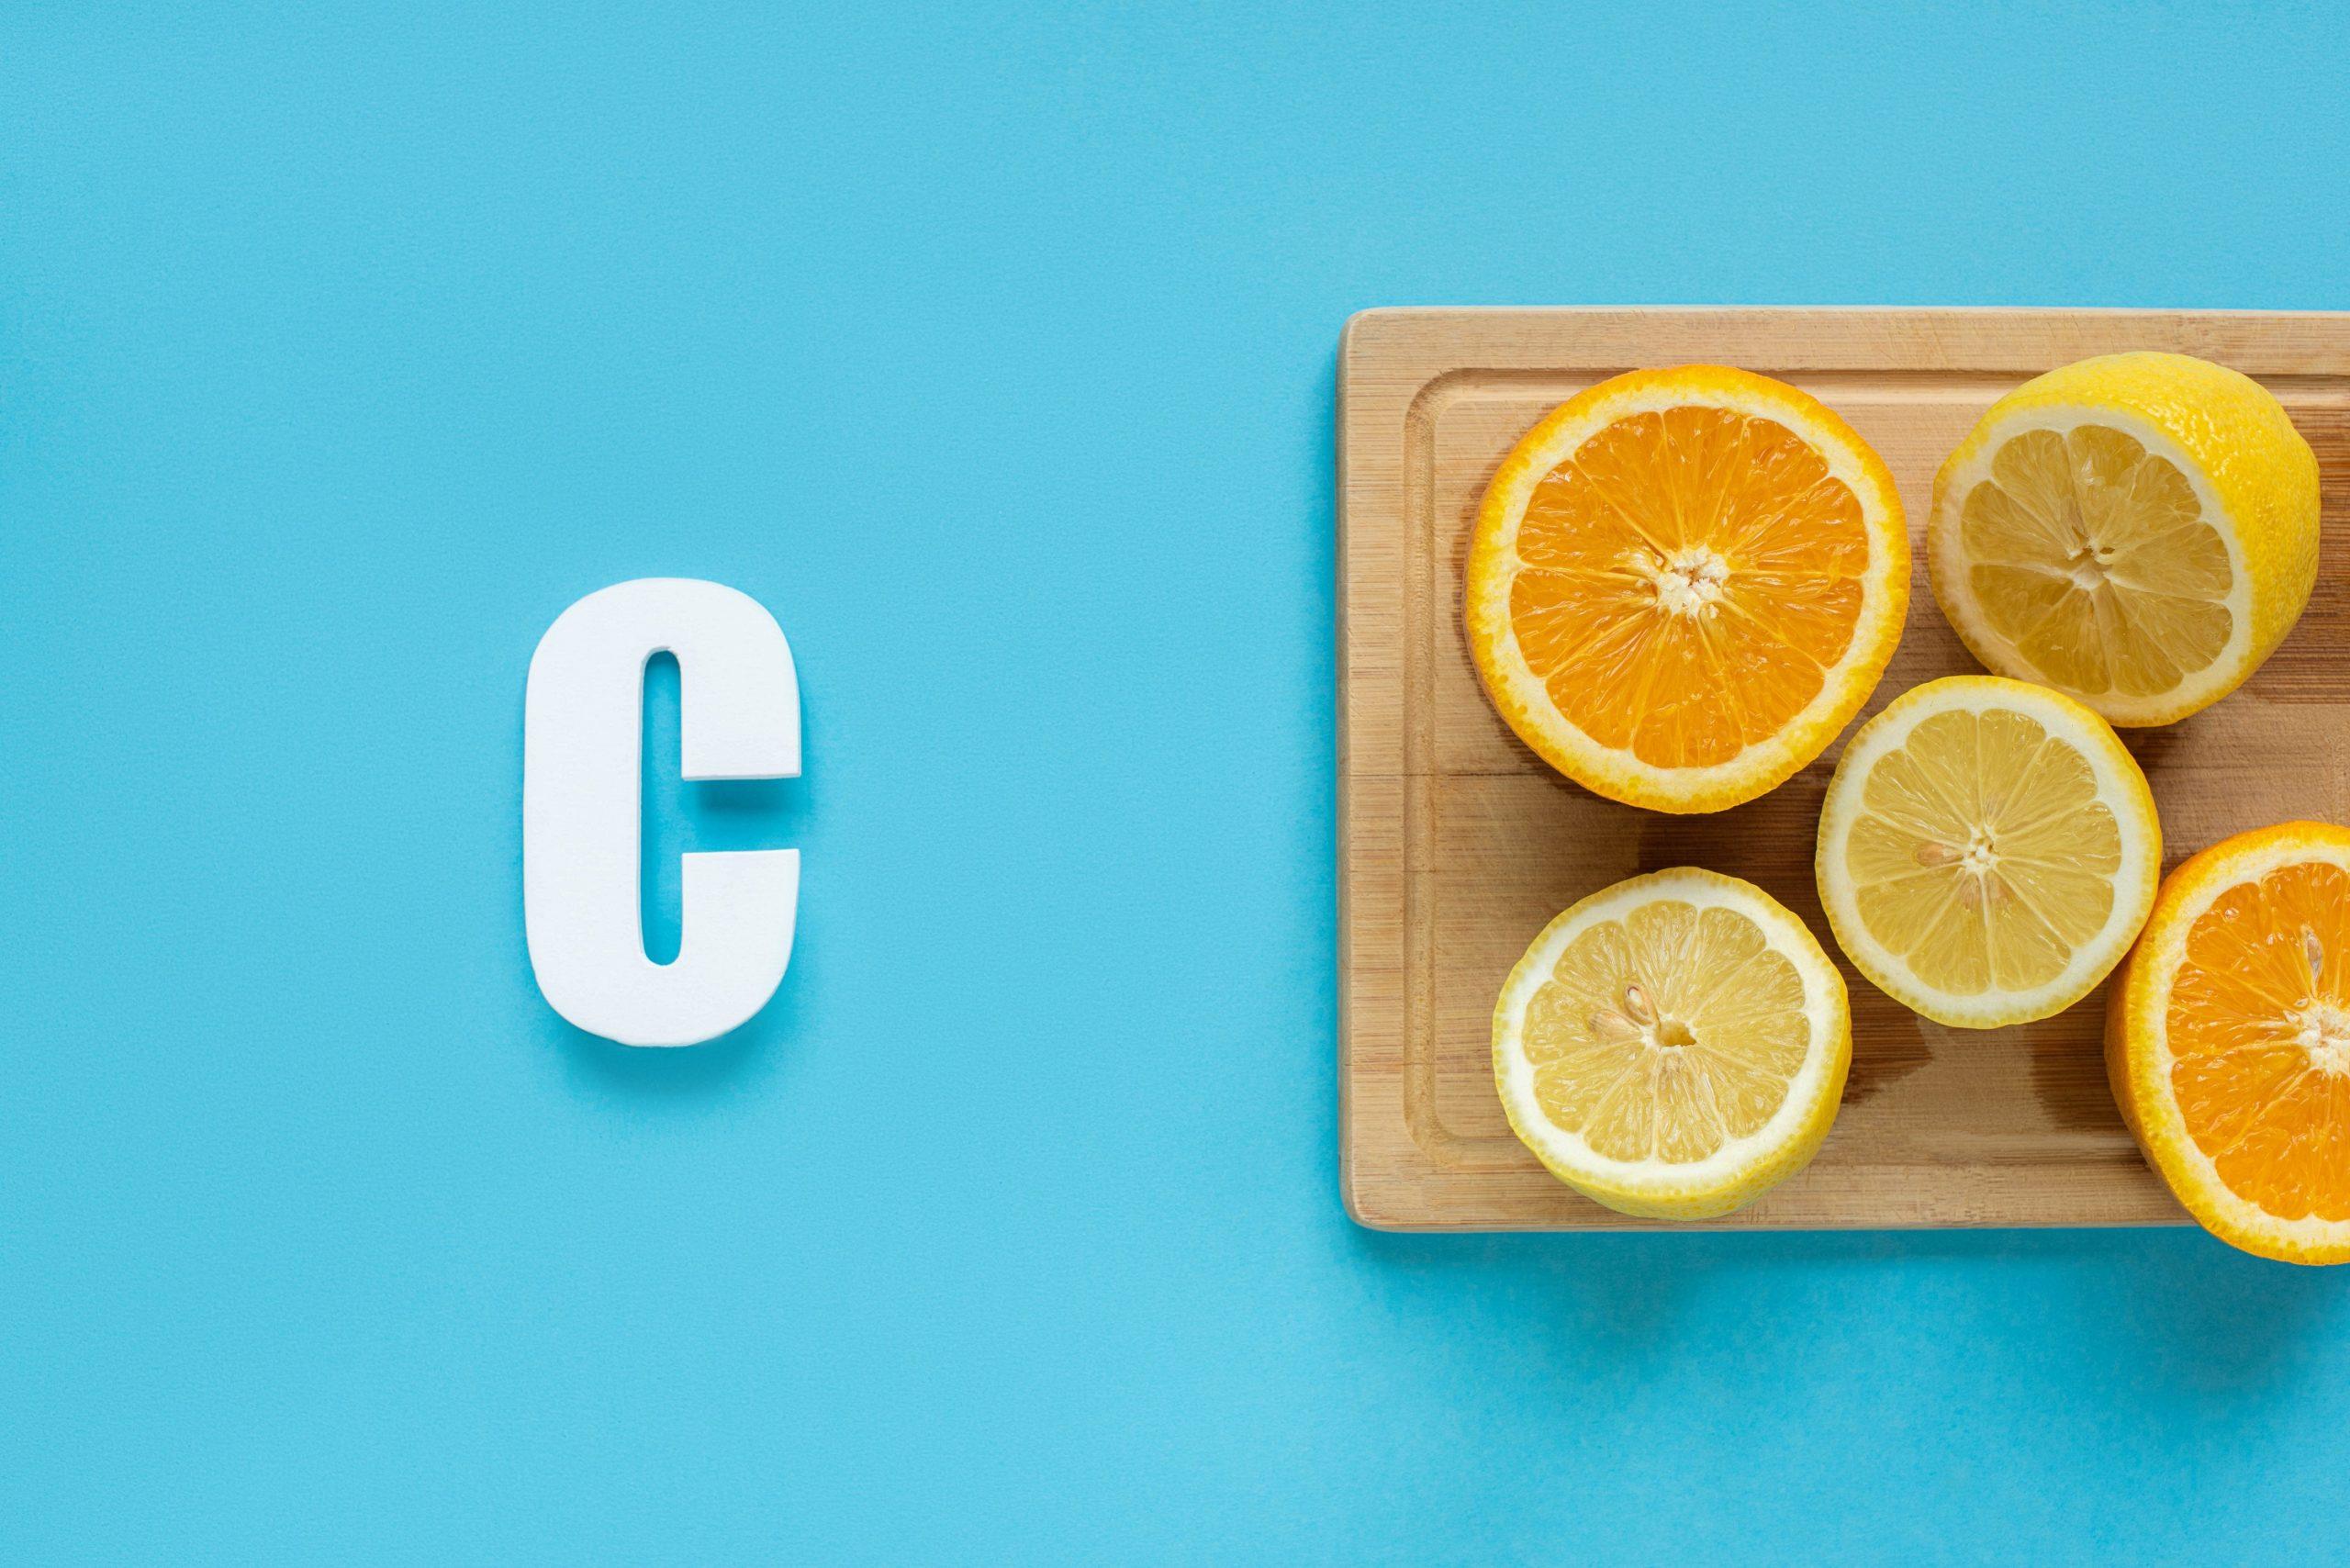 Quer se prevenir contra a gripe e problemas de saúde? Veja esta dica!